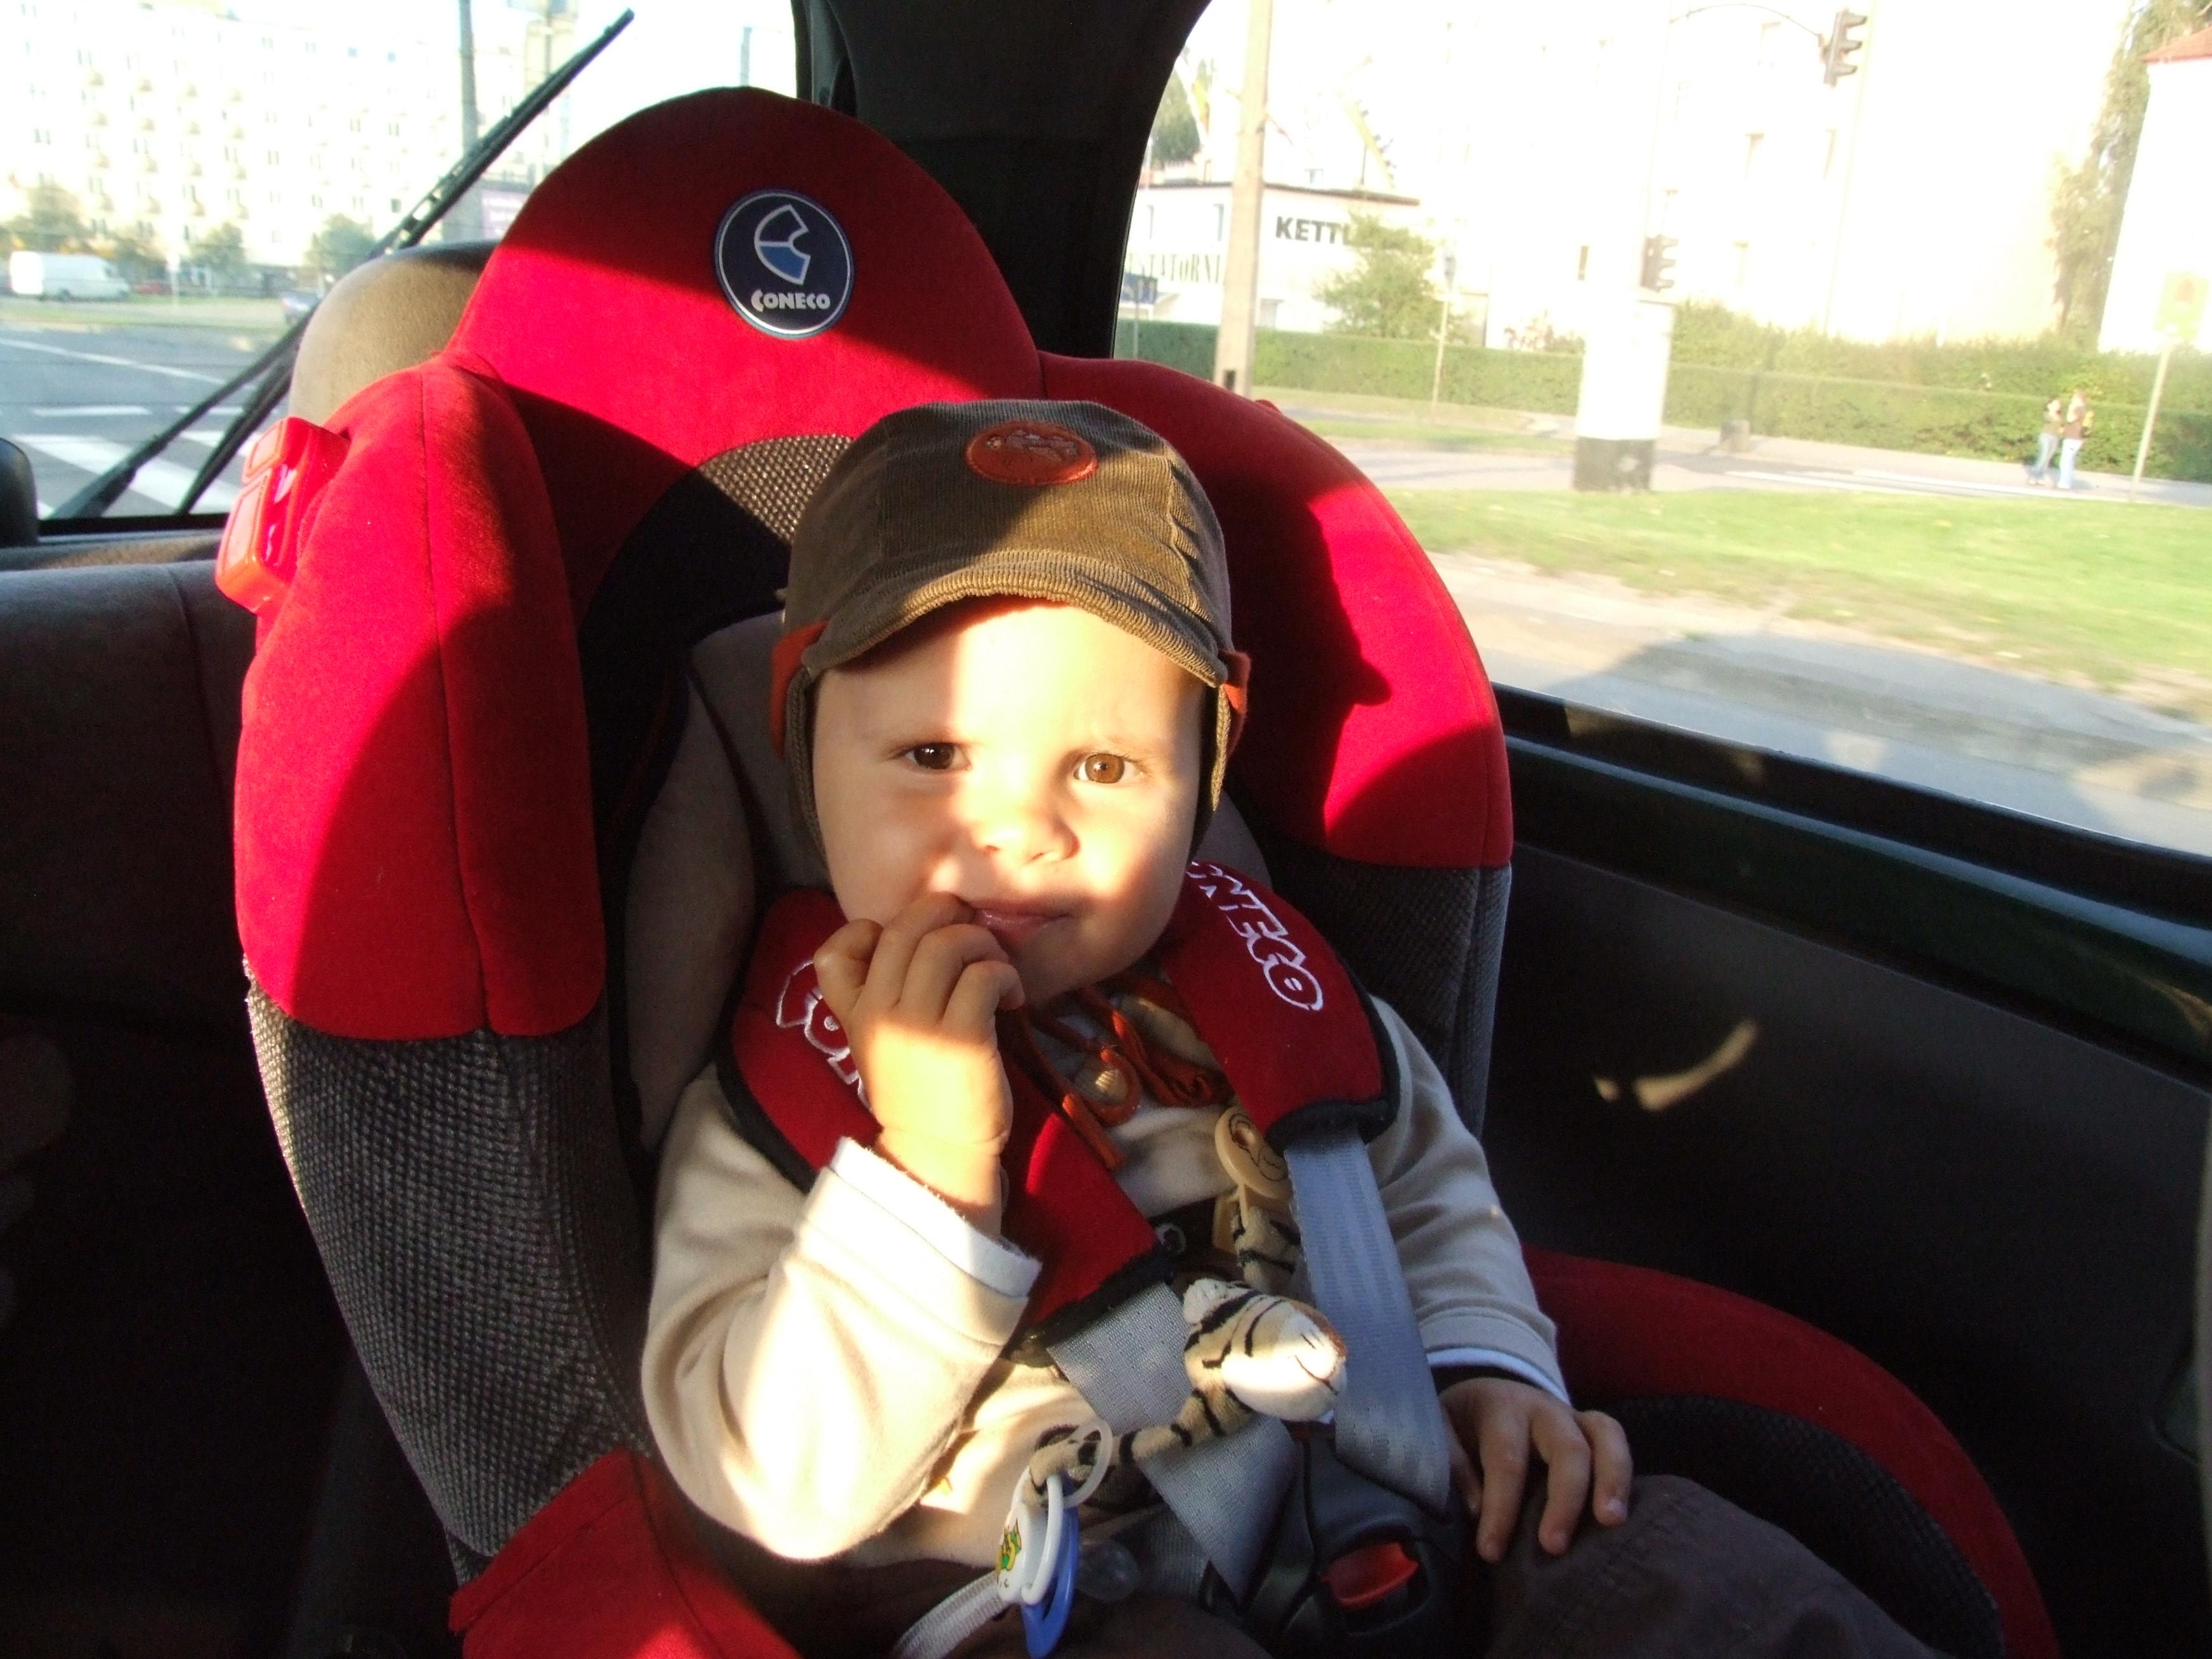 Fotelik samochodowy dla dziecka - bezpieczeństwo a cena